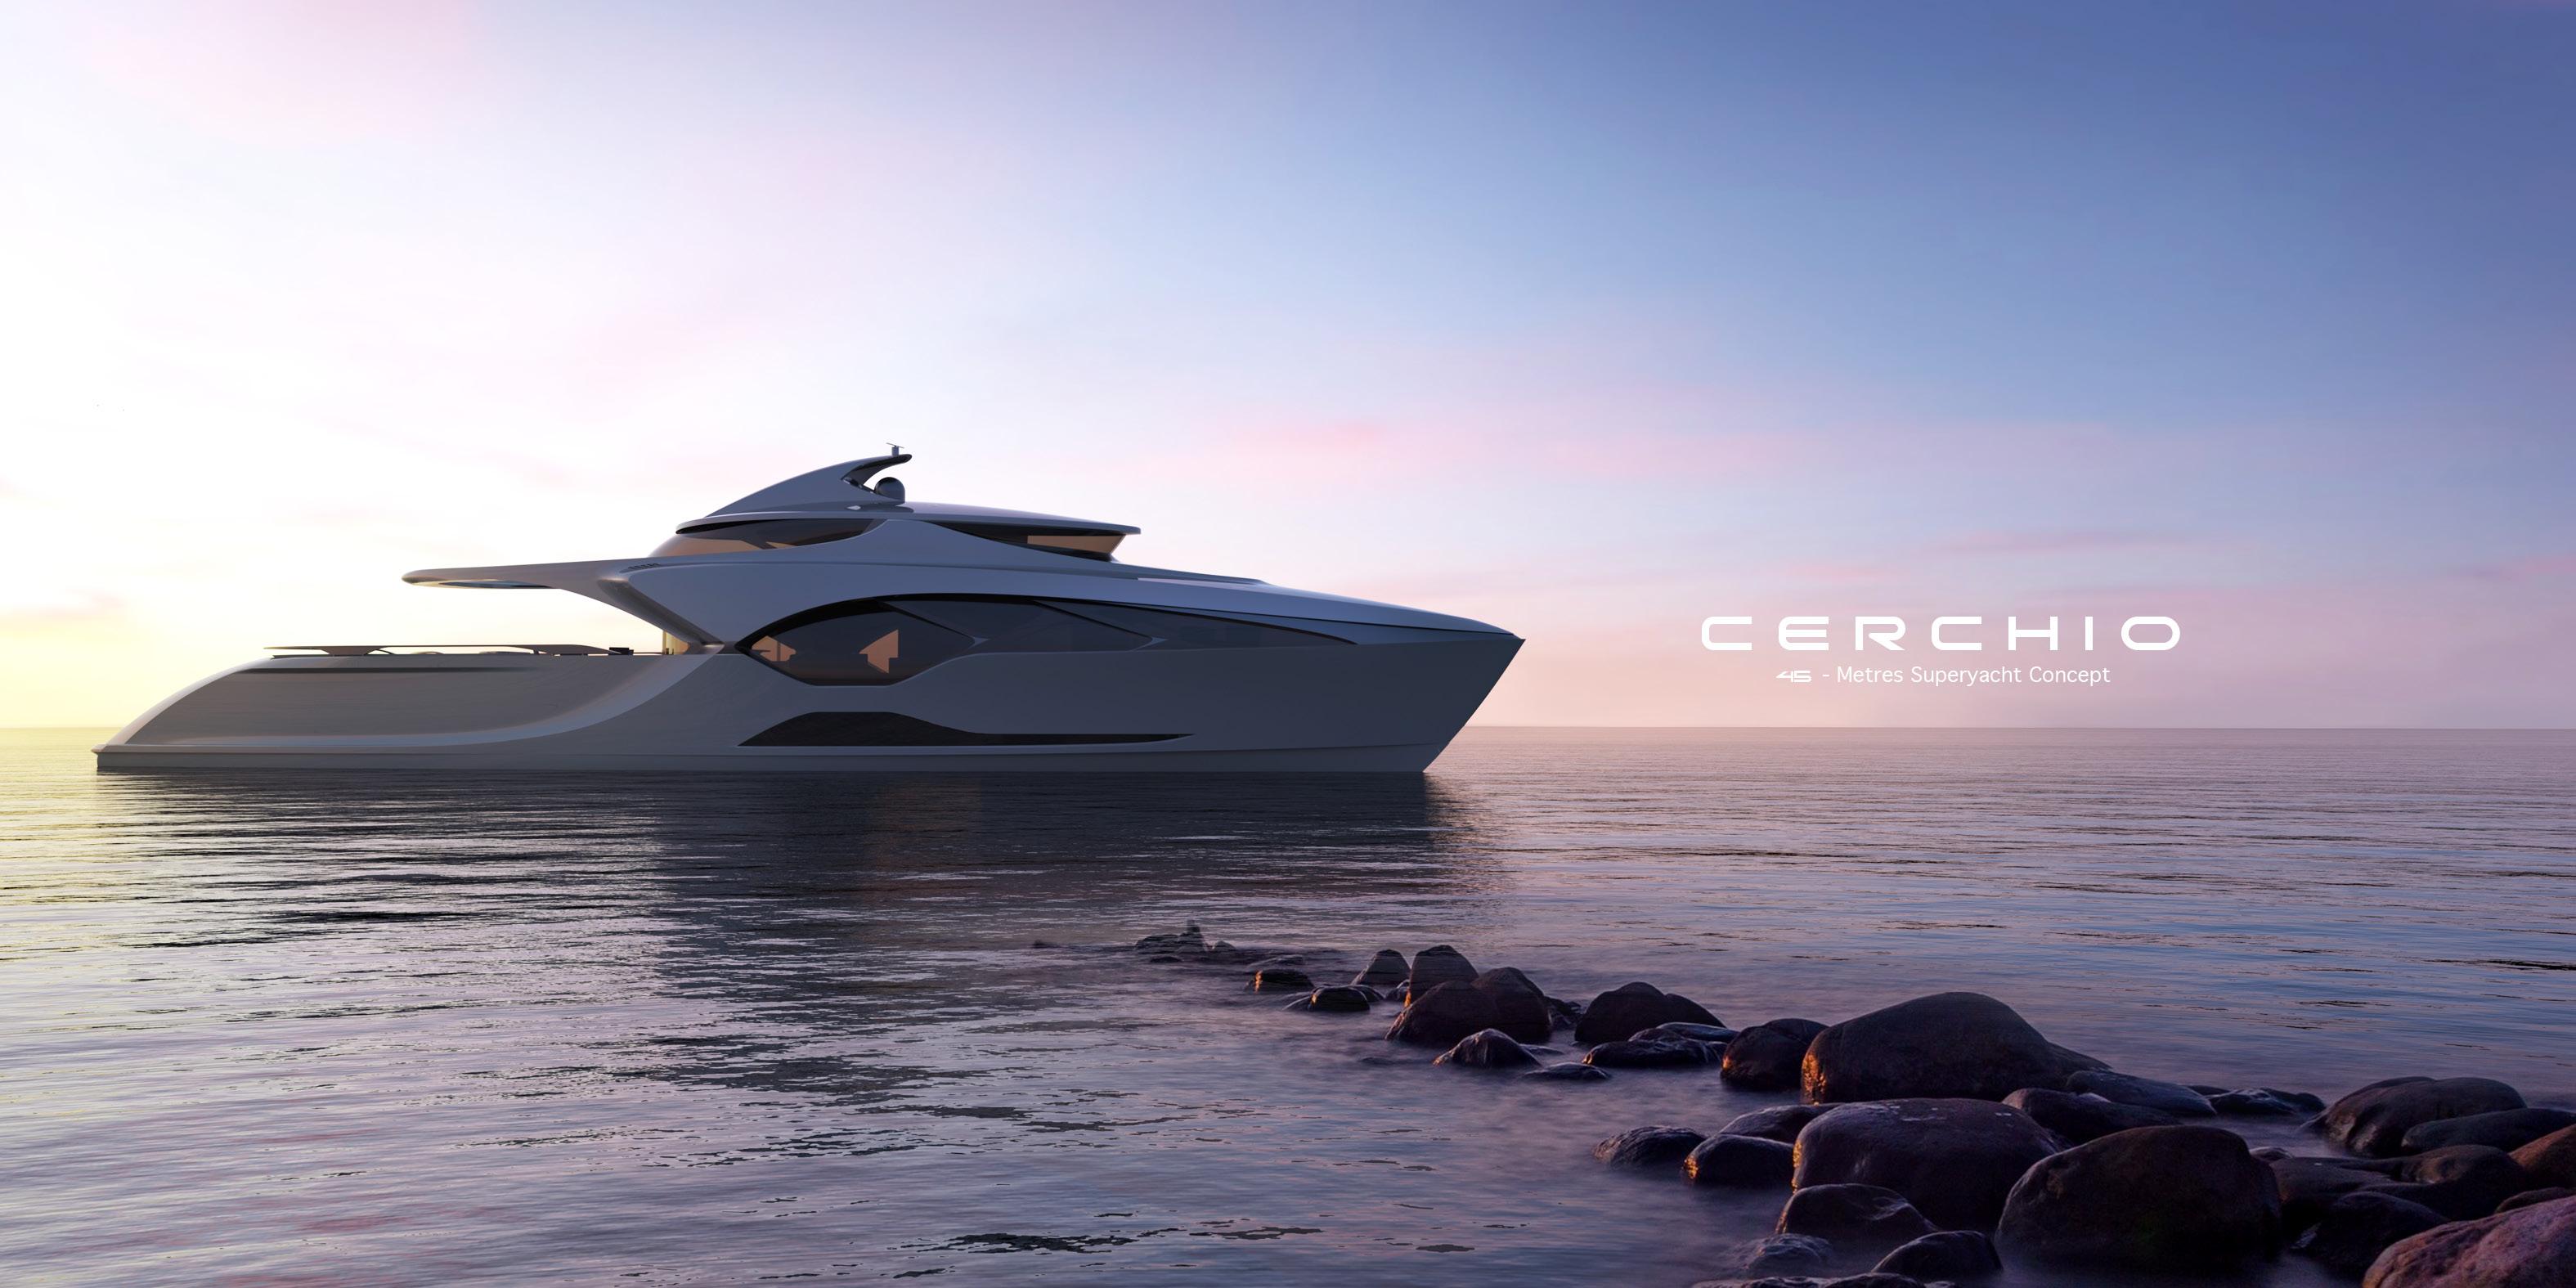 CERCIO designed by Baoqi Xiao